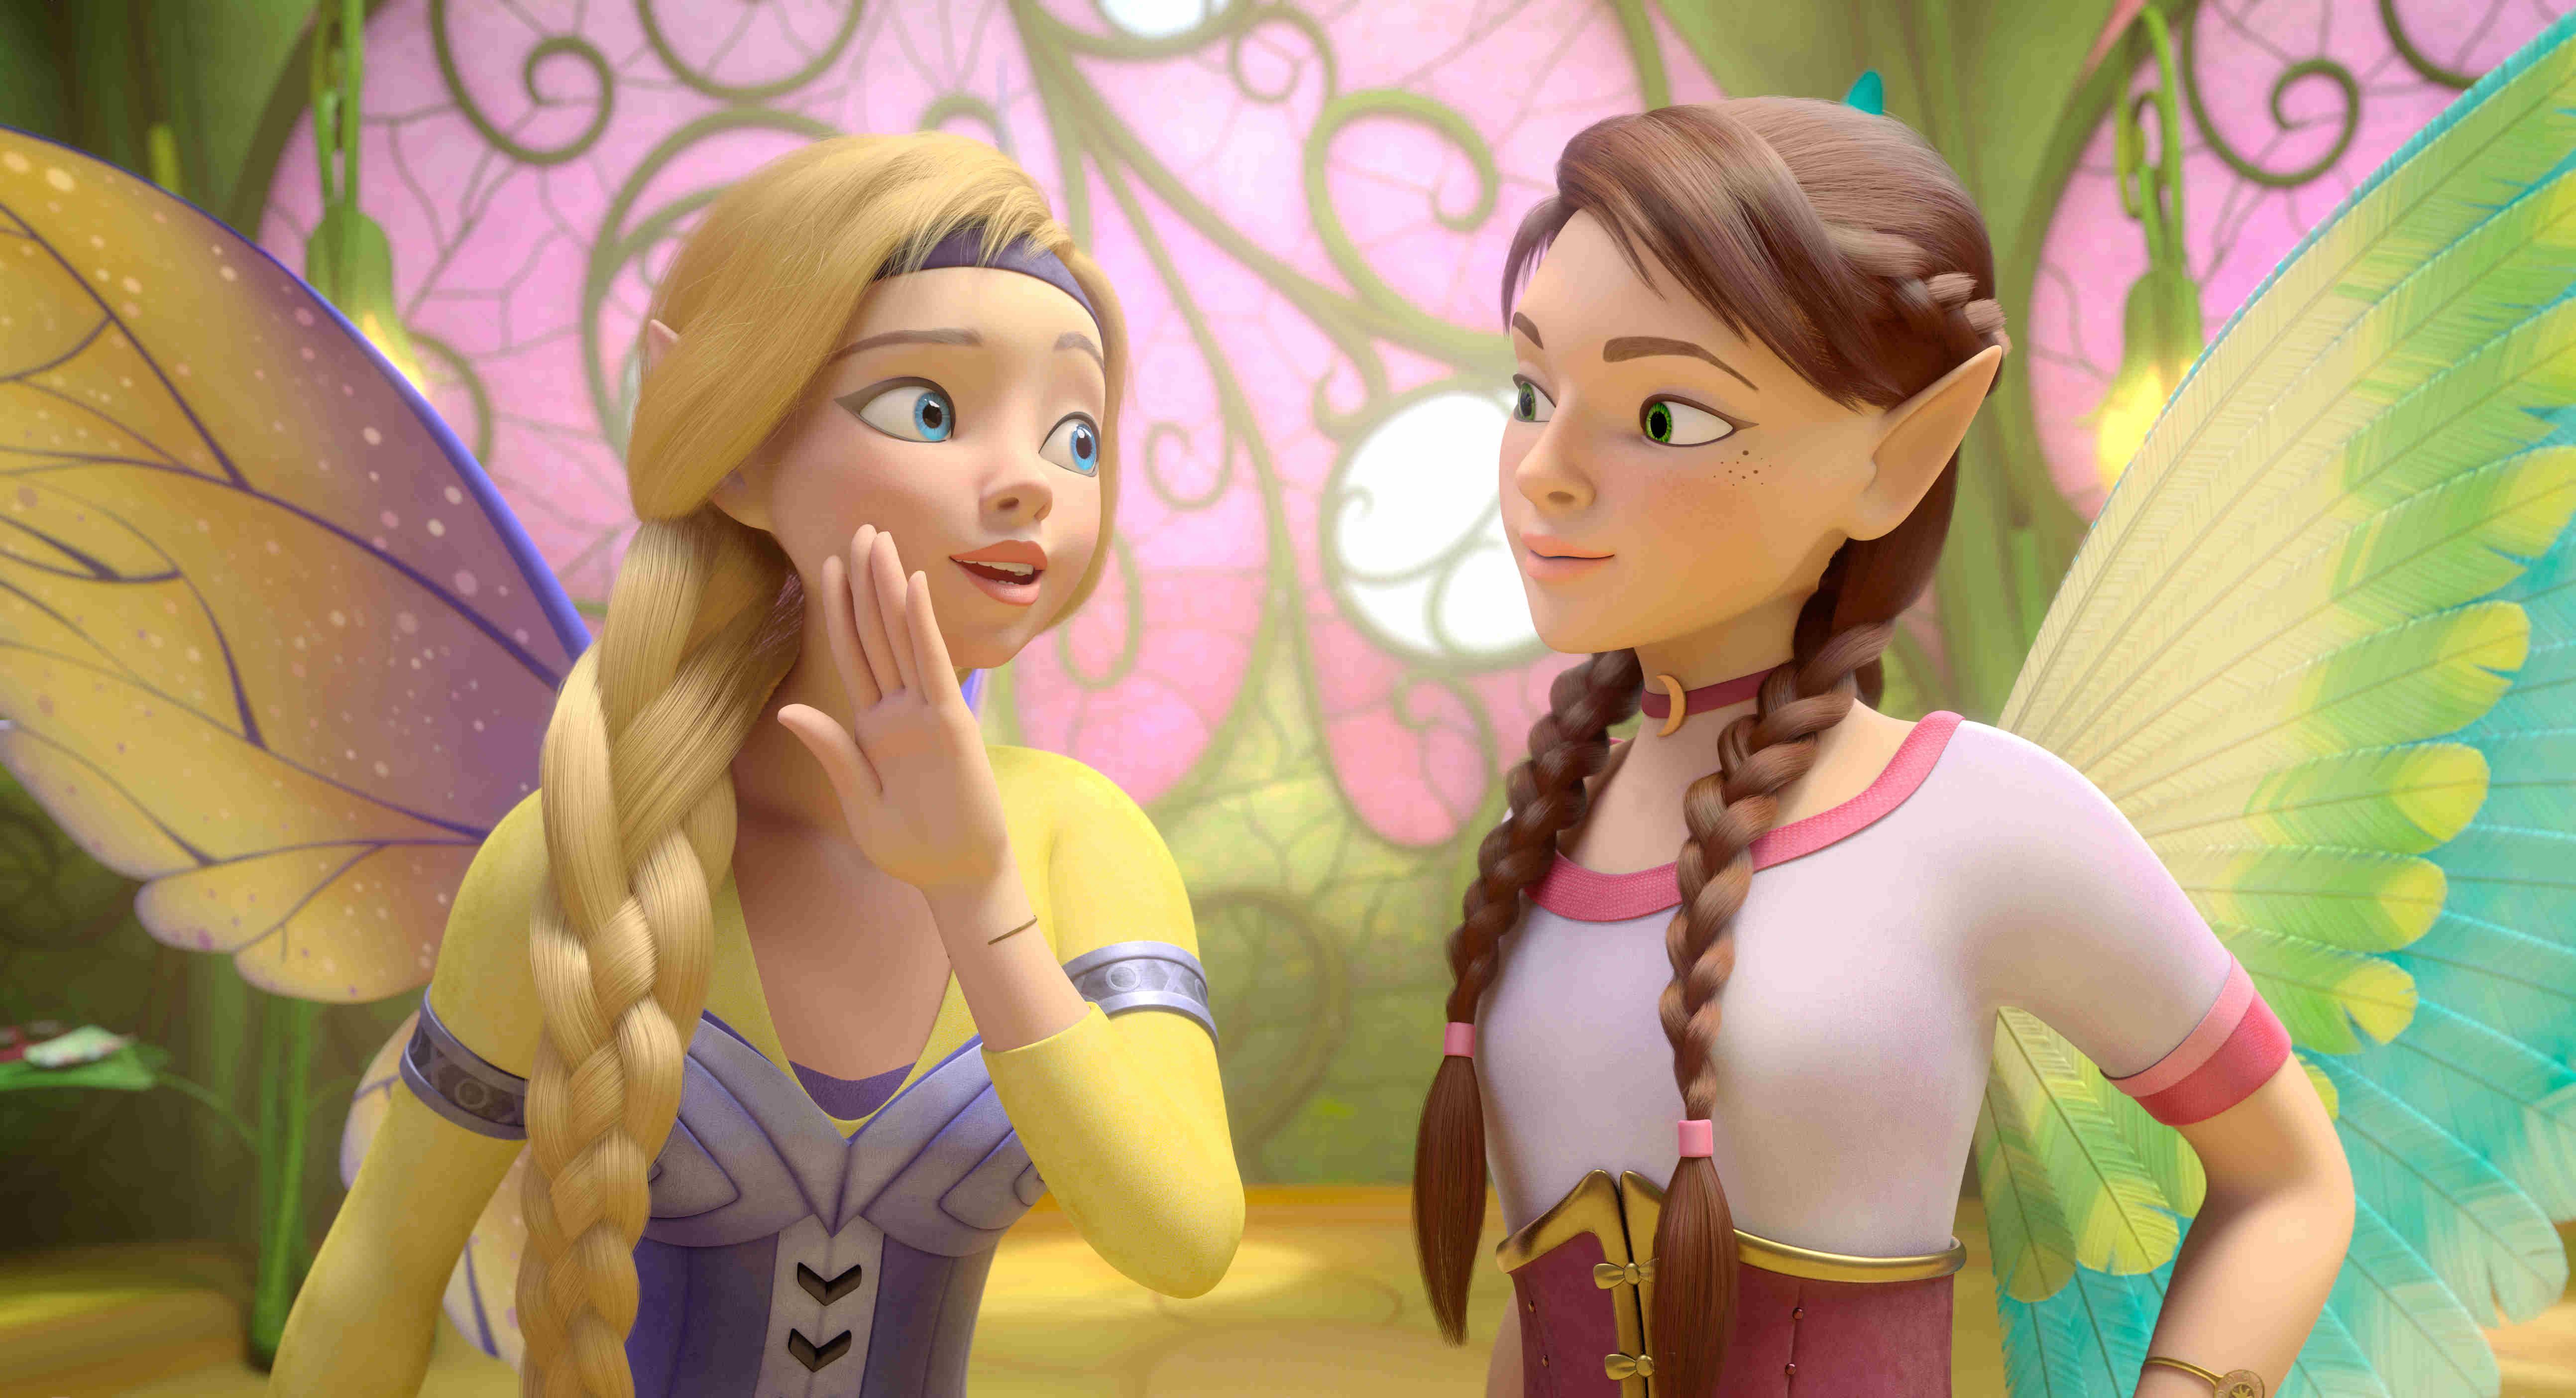 「太陽精靈」公主莎拉與蘇拉兩姊妹,極力搶救巴亞拉王國精靈們的魔法